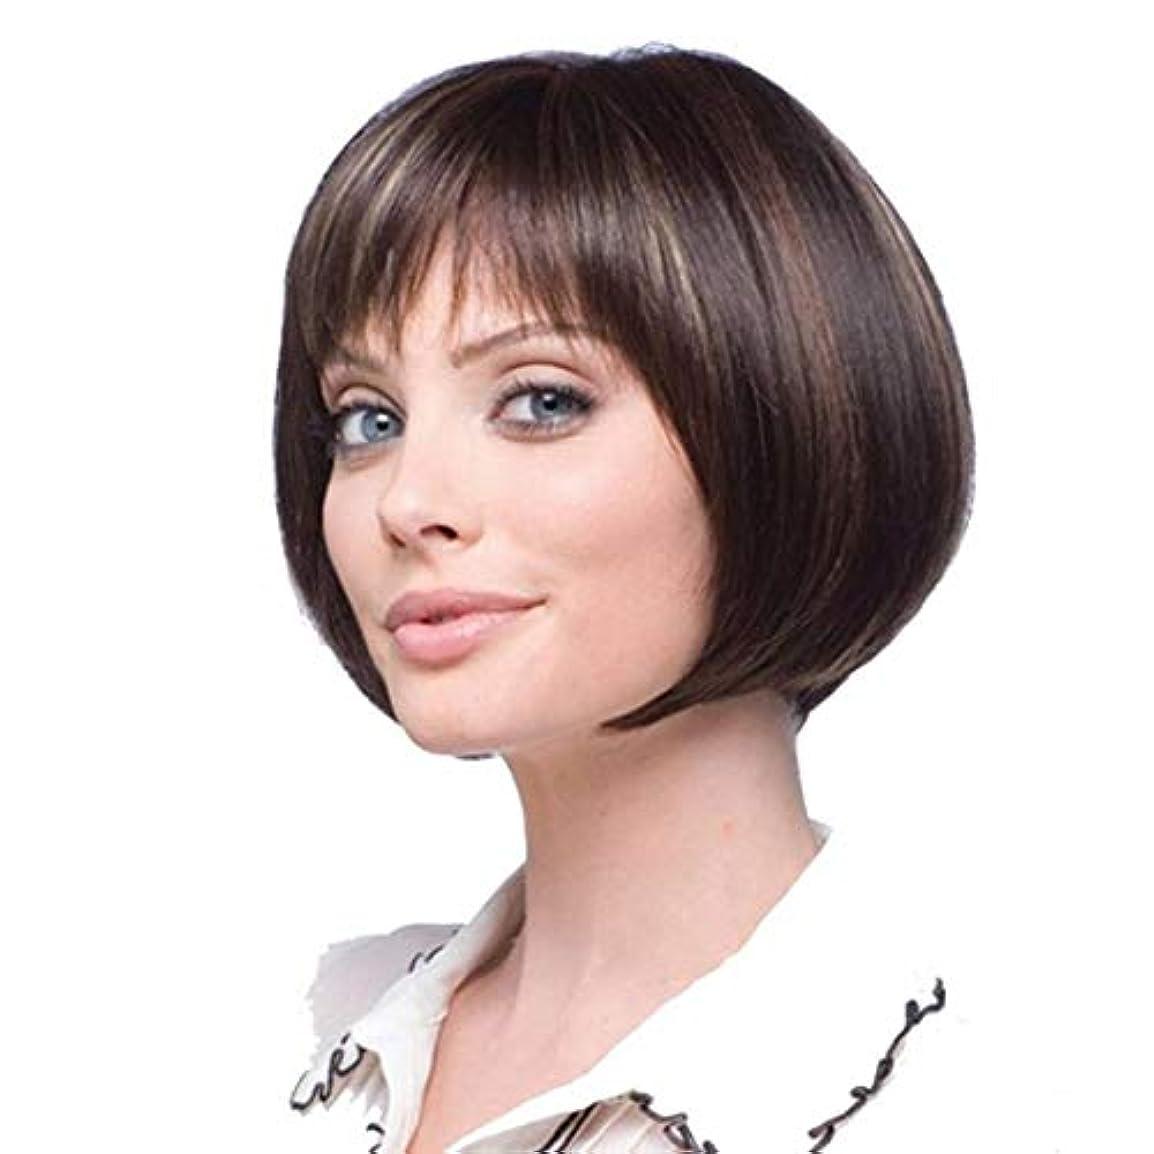 伴う南アメリカ答えKerwinner ショートボブの髪ウィッグストレート前髪付き合成カラフルなコスプレデイリーパーティーウィッグ本物の髪として自然な女性のための